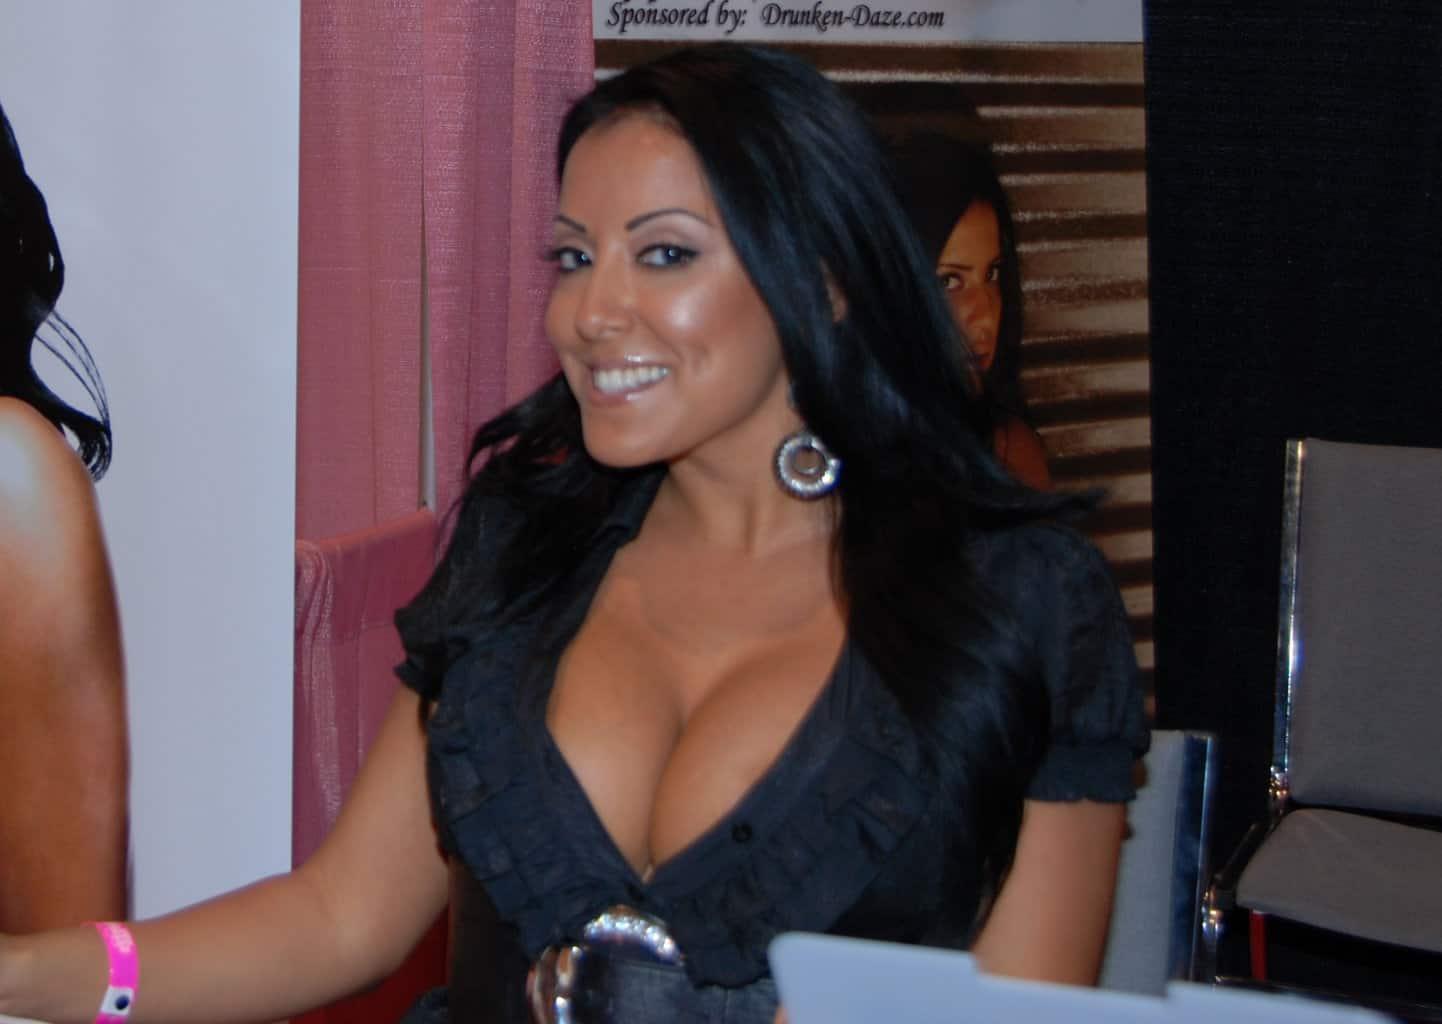 Kiara_Mia_at_Exxxotica_Miami_2010